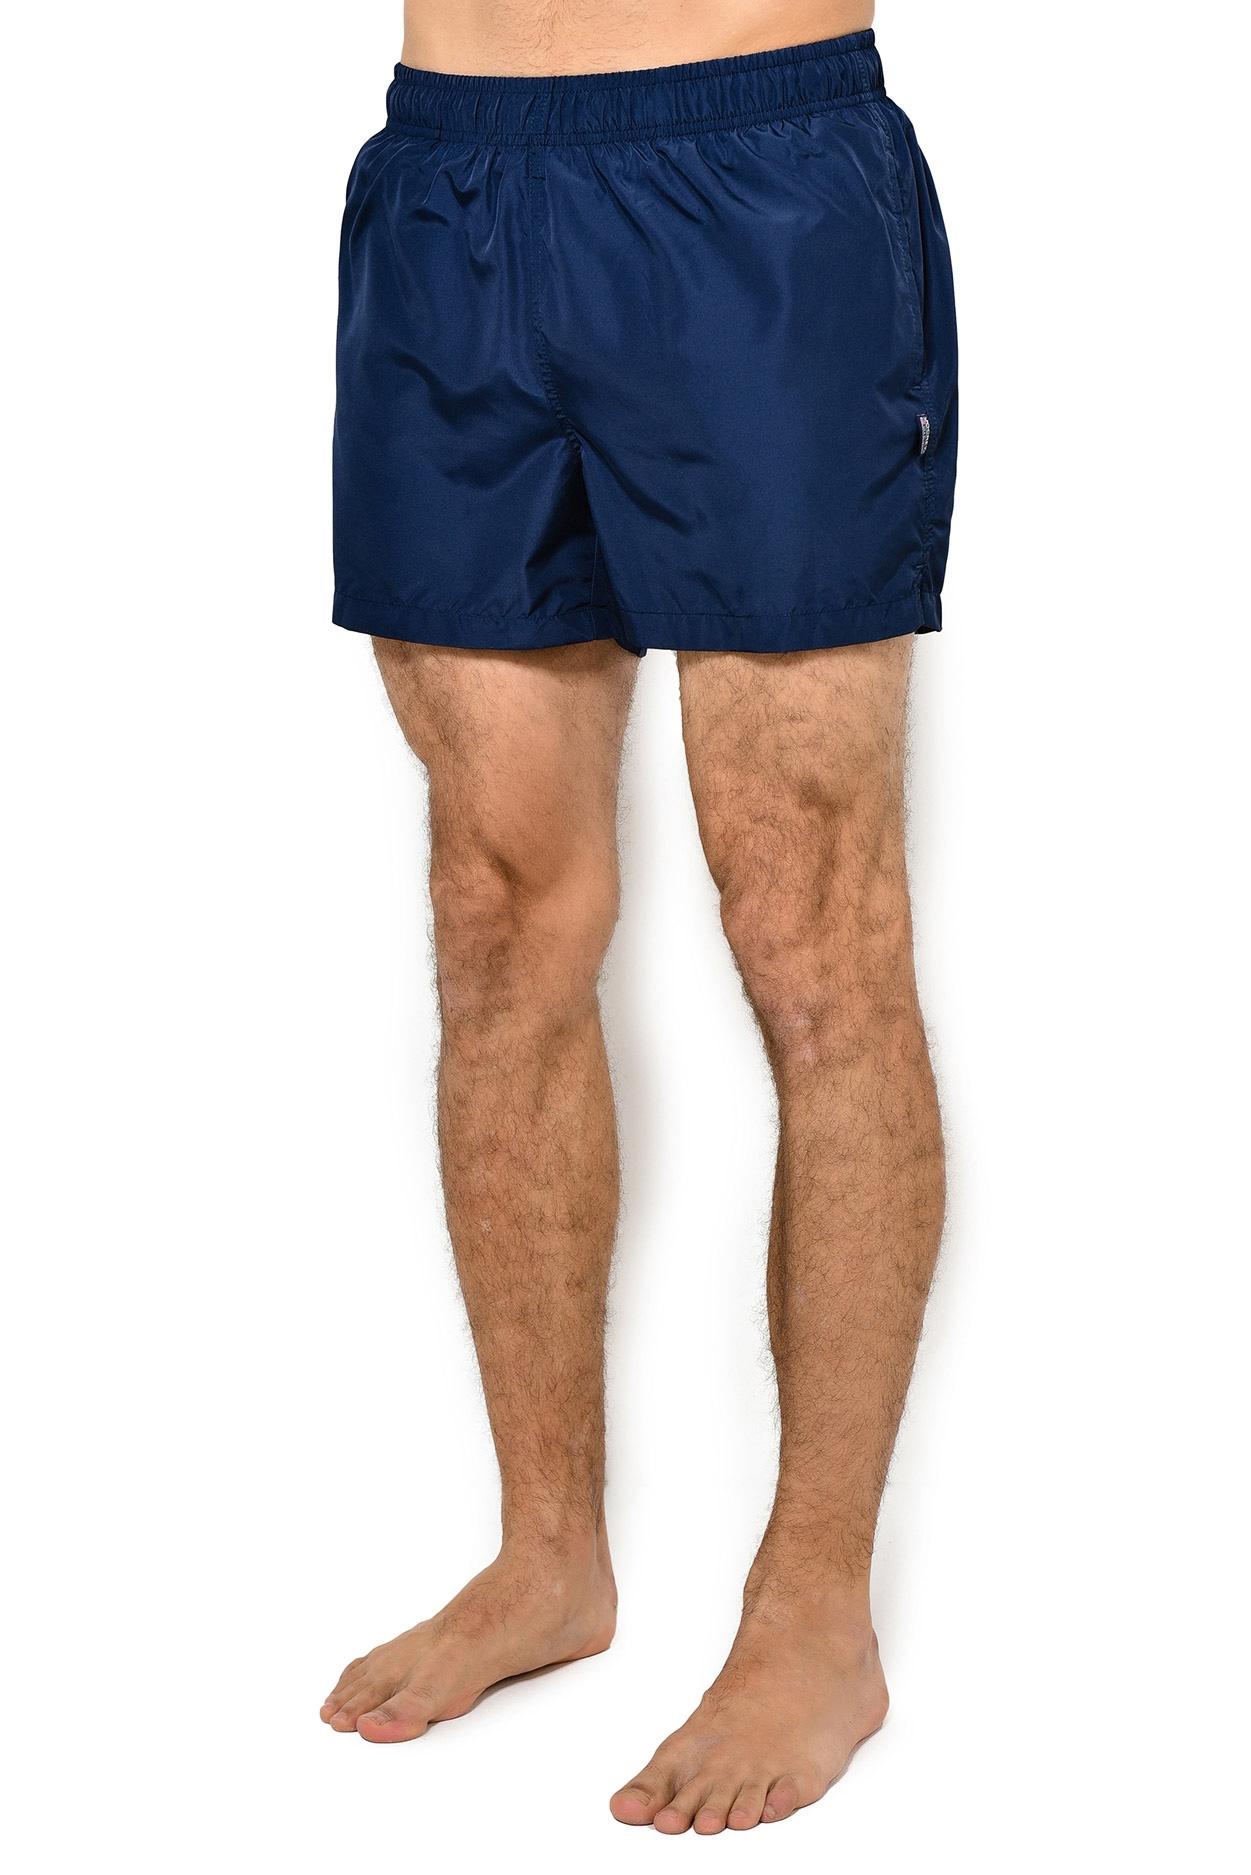 Пляжные шорты 60019H синий Jockey